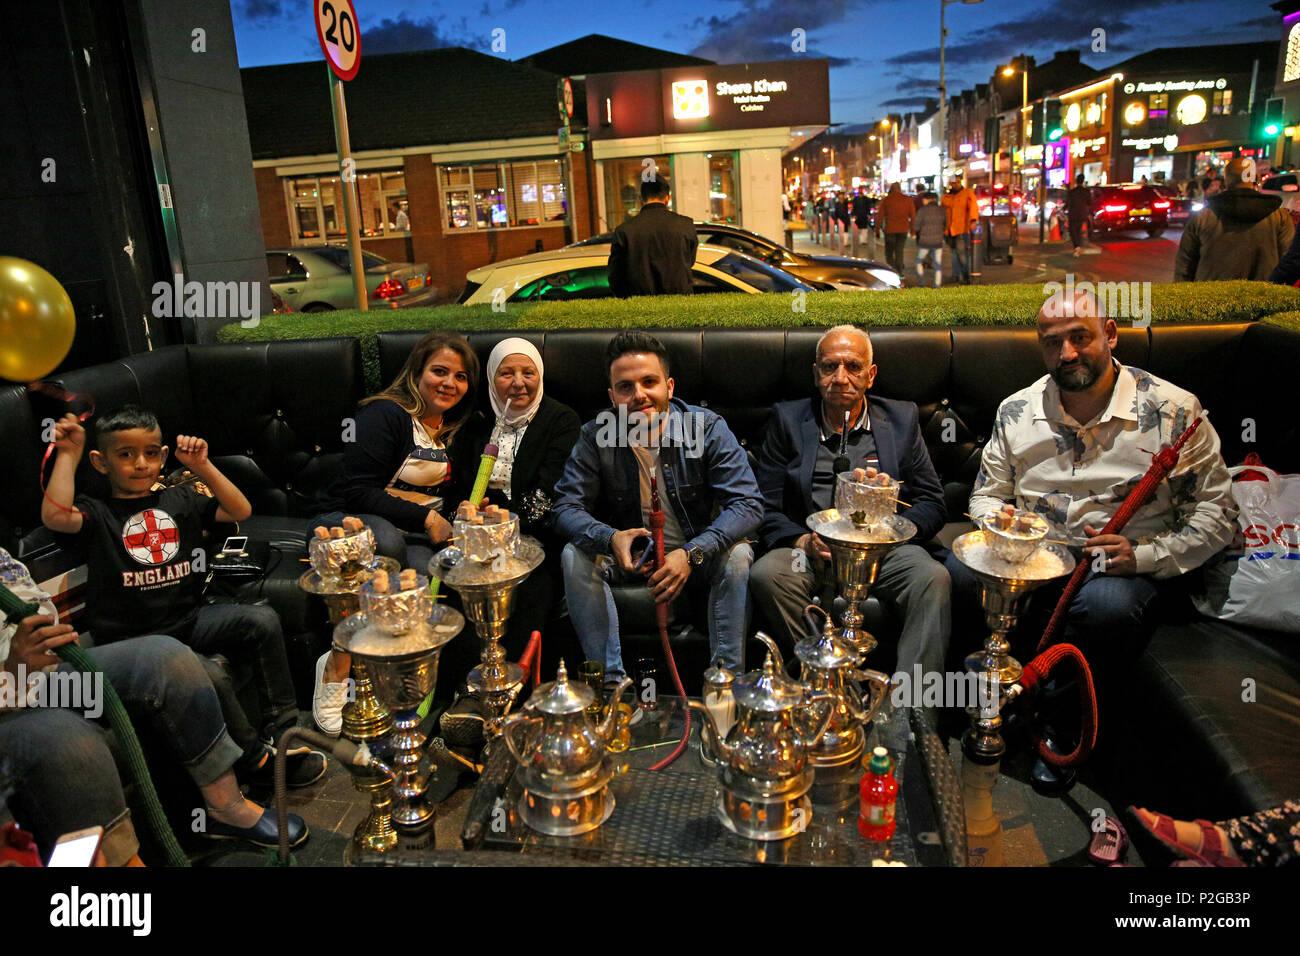 Rusholme, Manchester, Reino Unido. 15 Jun, 2018. Una shisha bar durante Eid celebraciones en Rusholme, 15 de junio de 2018, C)Barbara Cook/Alamy Live News Foto de stock